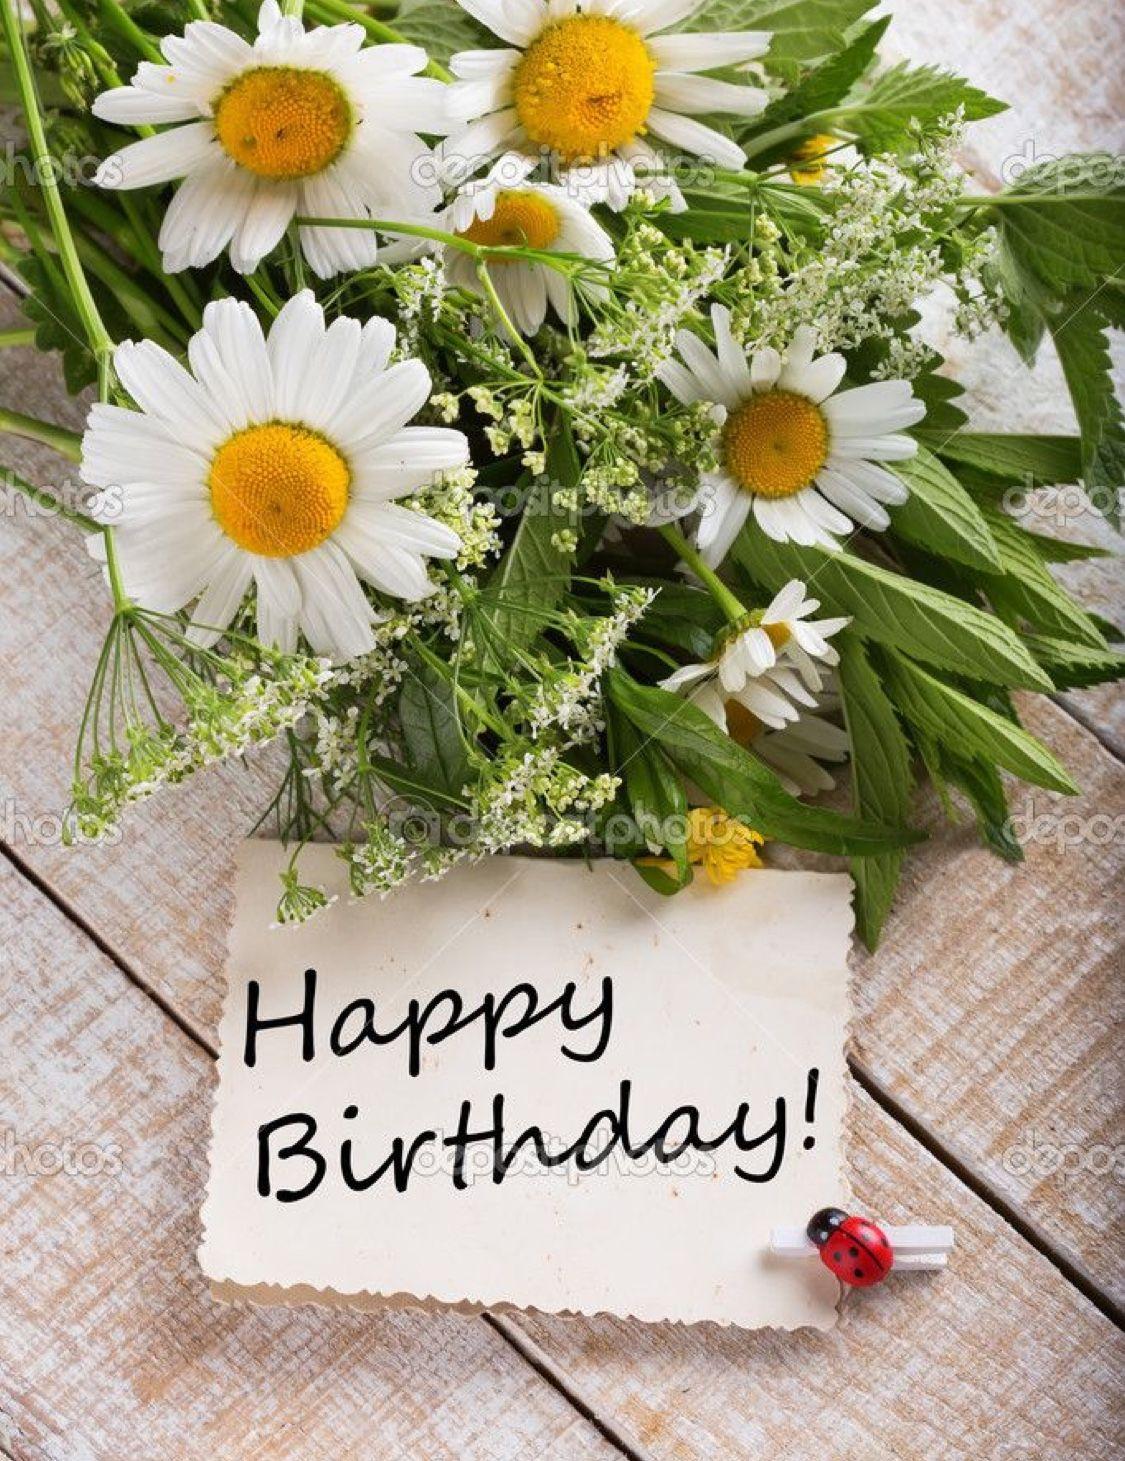 Rassa ra pinterest birthday happy birthday and birthday quotes rassa happy birthday facebook post happy birthday messages happy birthday greetings happy birthday izmirmasajfo